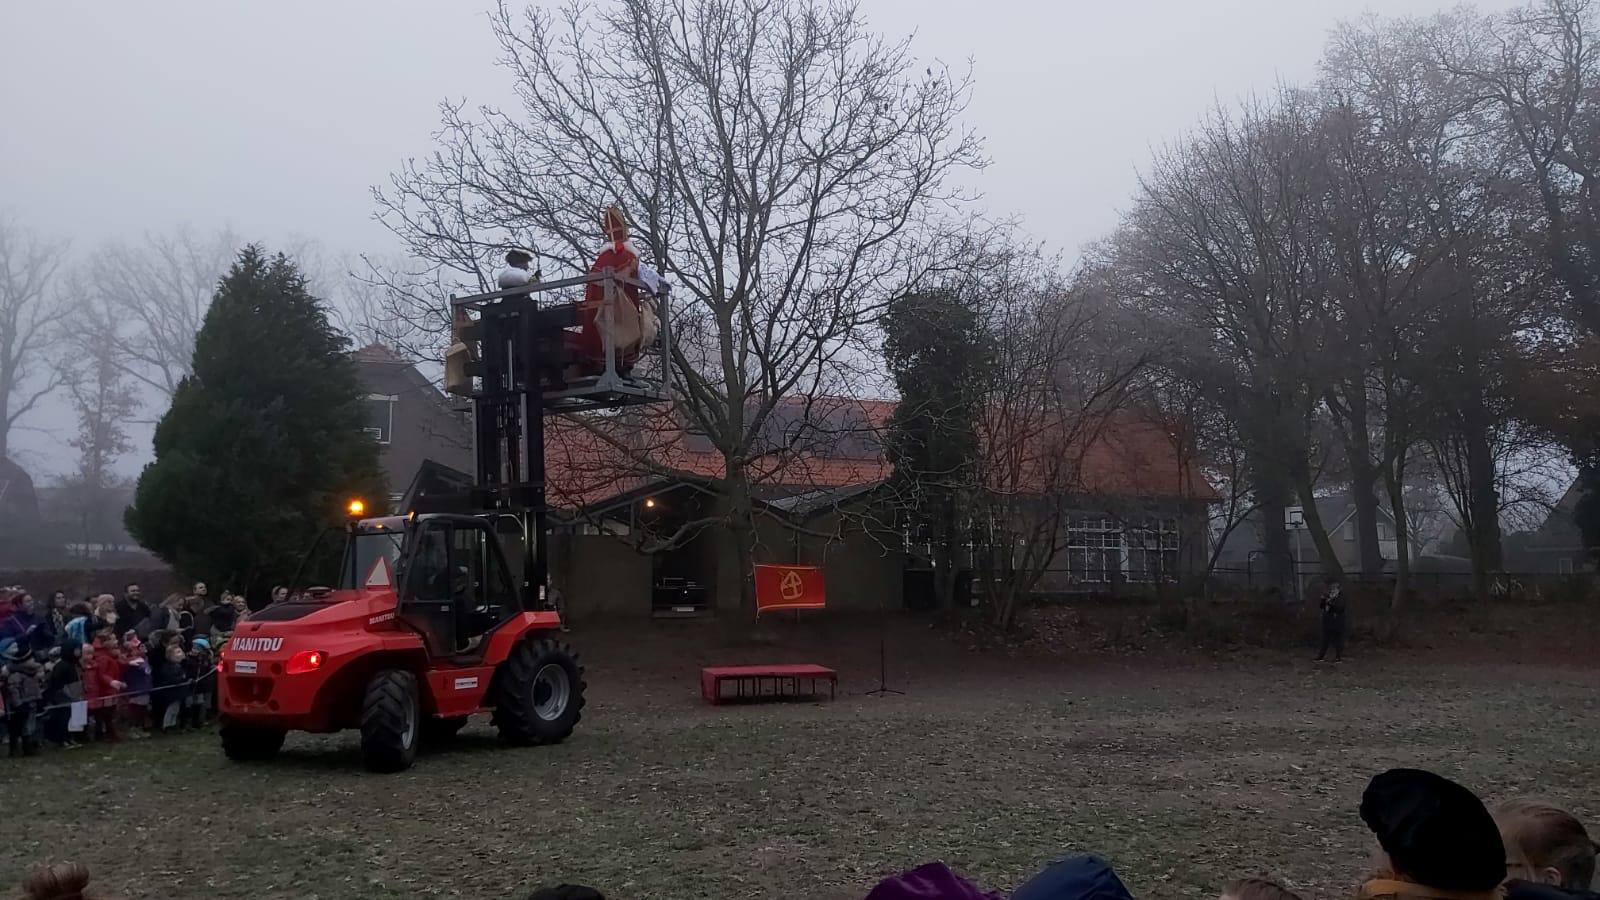 Aankomst van Sinterklaas